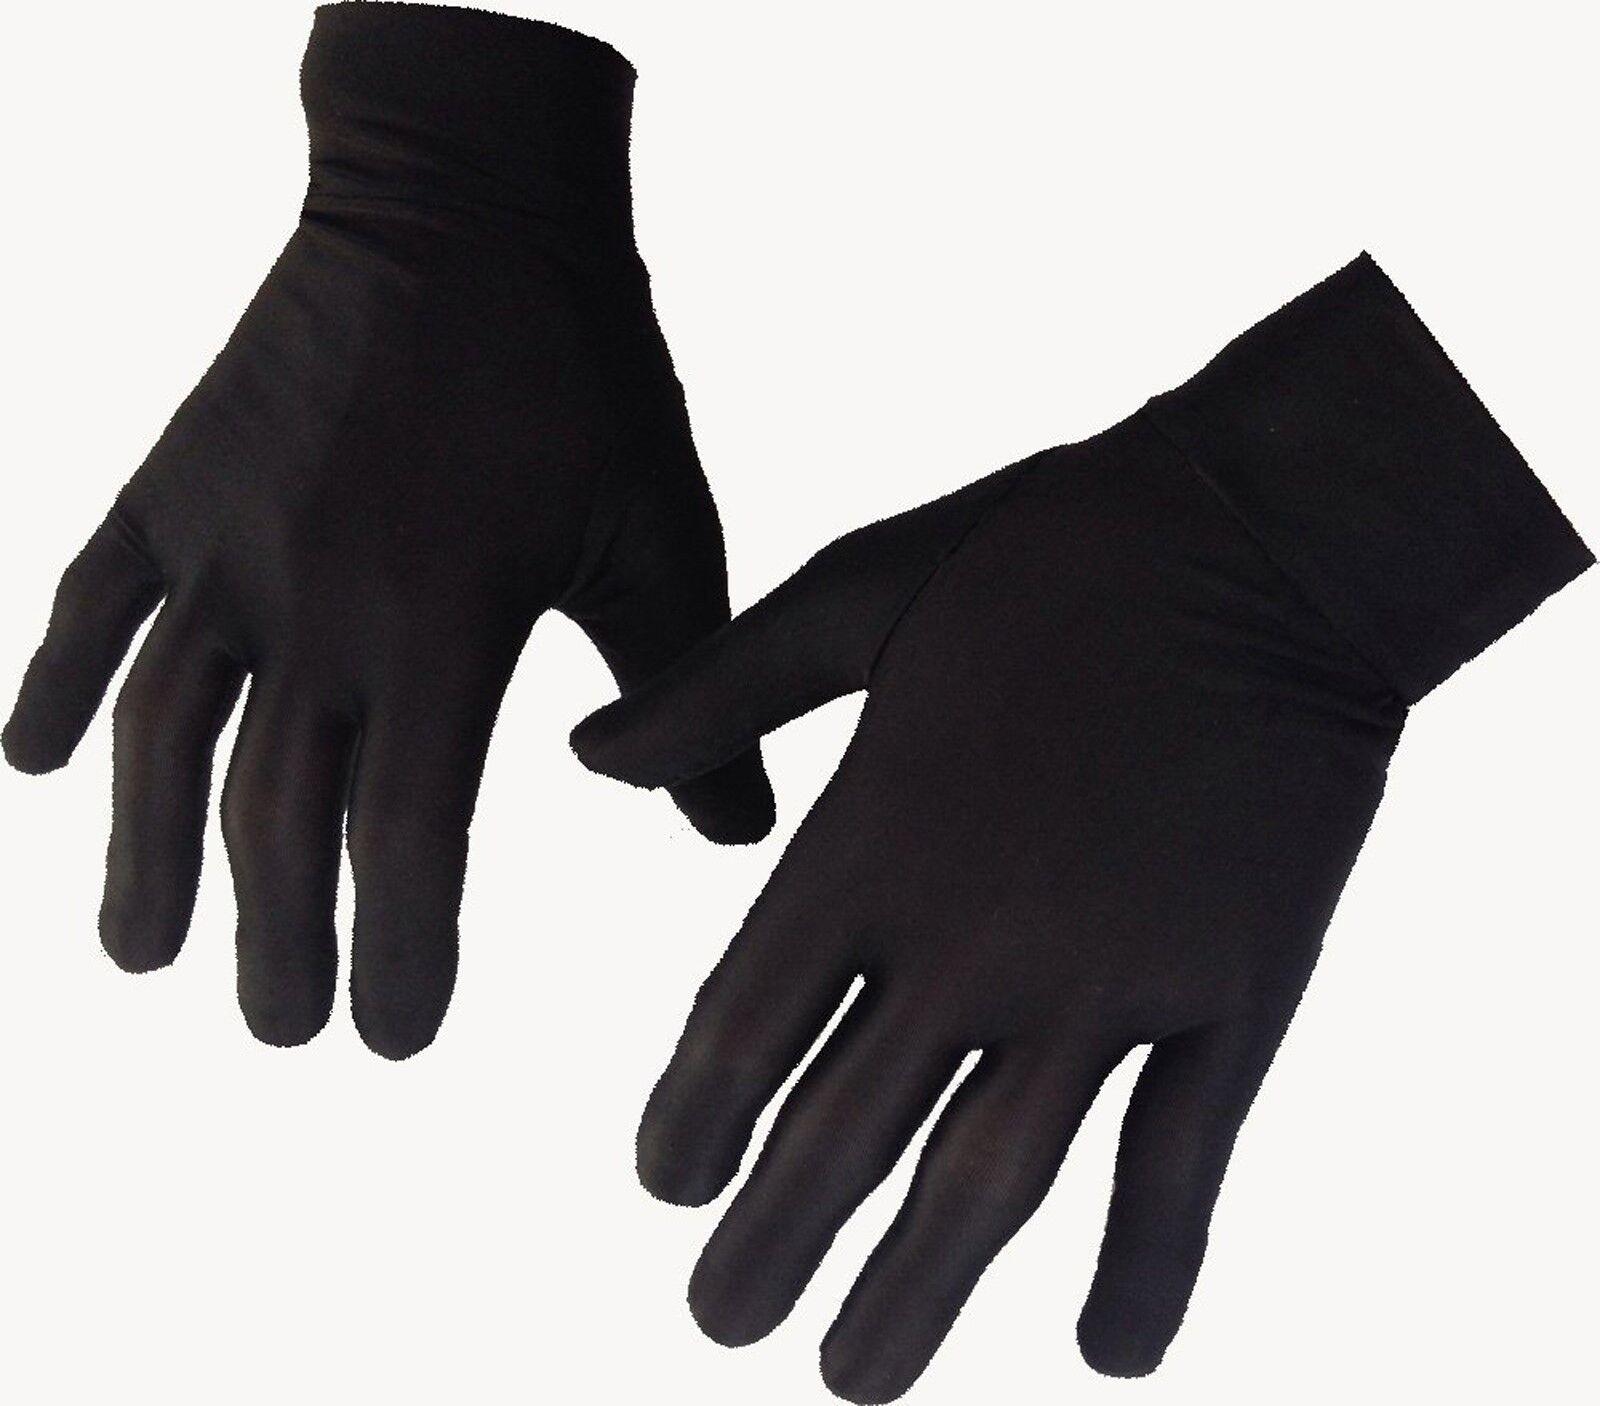 Mince soie doublure intérieur gants ski moto ski marche cyclisme